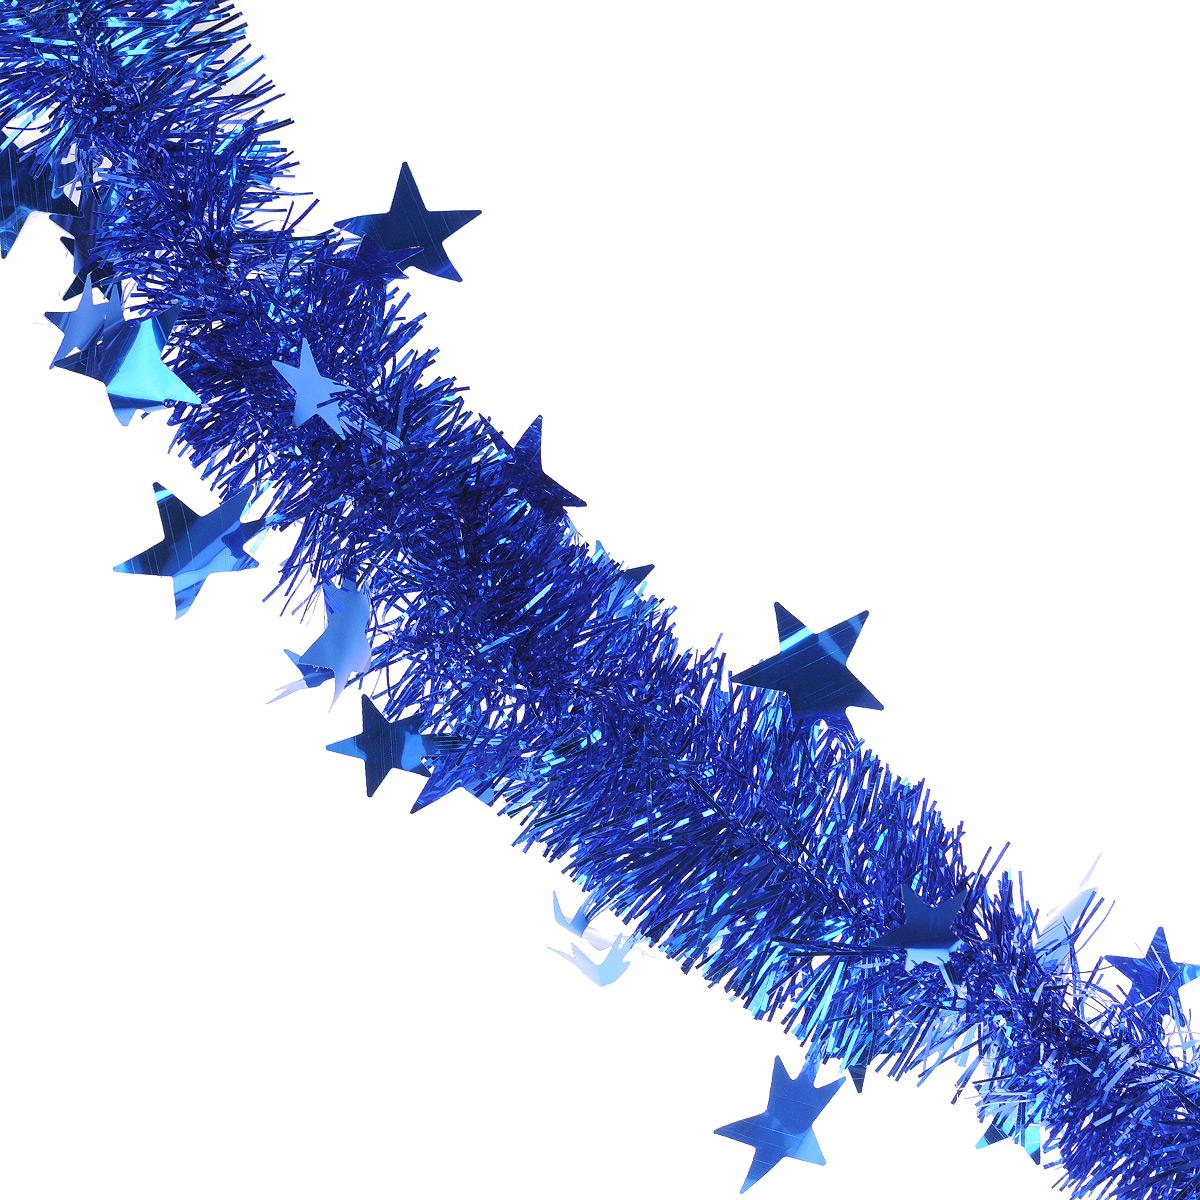 Мишура новогодняя Sima-land, цвет: синий, диаметр 5 см, длина 2 м. 702609702609Мишура новогодняя Sima-land, выполненная из фольги, поможет вам украсить свой дом к предстоящим праздникам. Мишура армирована, то есть имеет проволоку внутри и способна сохранять приданную ей форму. Новогодняя елка с таким украшением станет еще наряднее. Новогодней мишурой можно украсить все, что угодно - елку, квартиру, дачу, офис - как внутри, так и снаружи. Можно сложить новогодние поздравления, буквы и цифры, мишурой можно украсить и дополнить гирлянды, можно выделить дверные колонны, оплести дверные проемы. Коллекция декоративных украшений из серии Зимнее волшебство принесет в ваш дом ни с чем несравнимое ощущение праздника! Создайте в своем доме атмосферу тепла, веселья и радости, украшая его всей семьей.